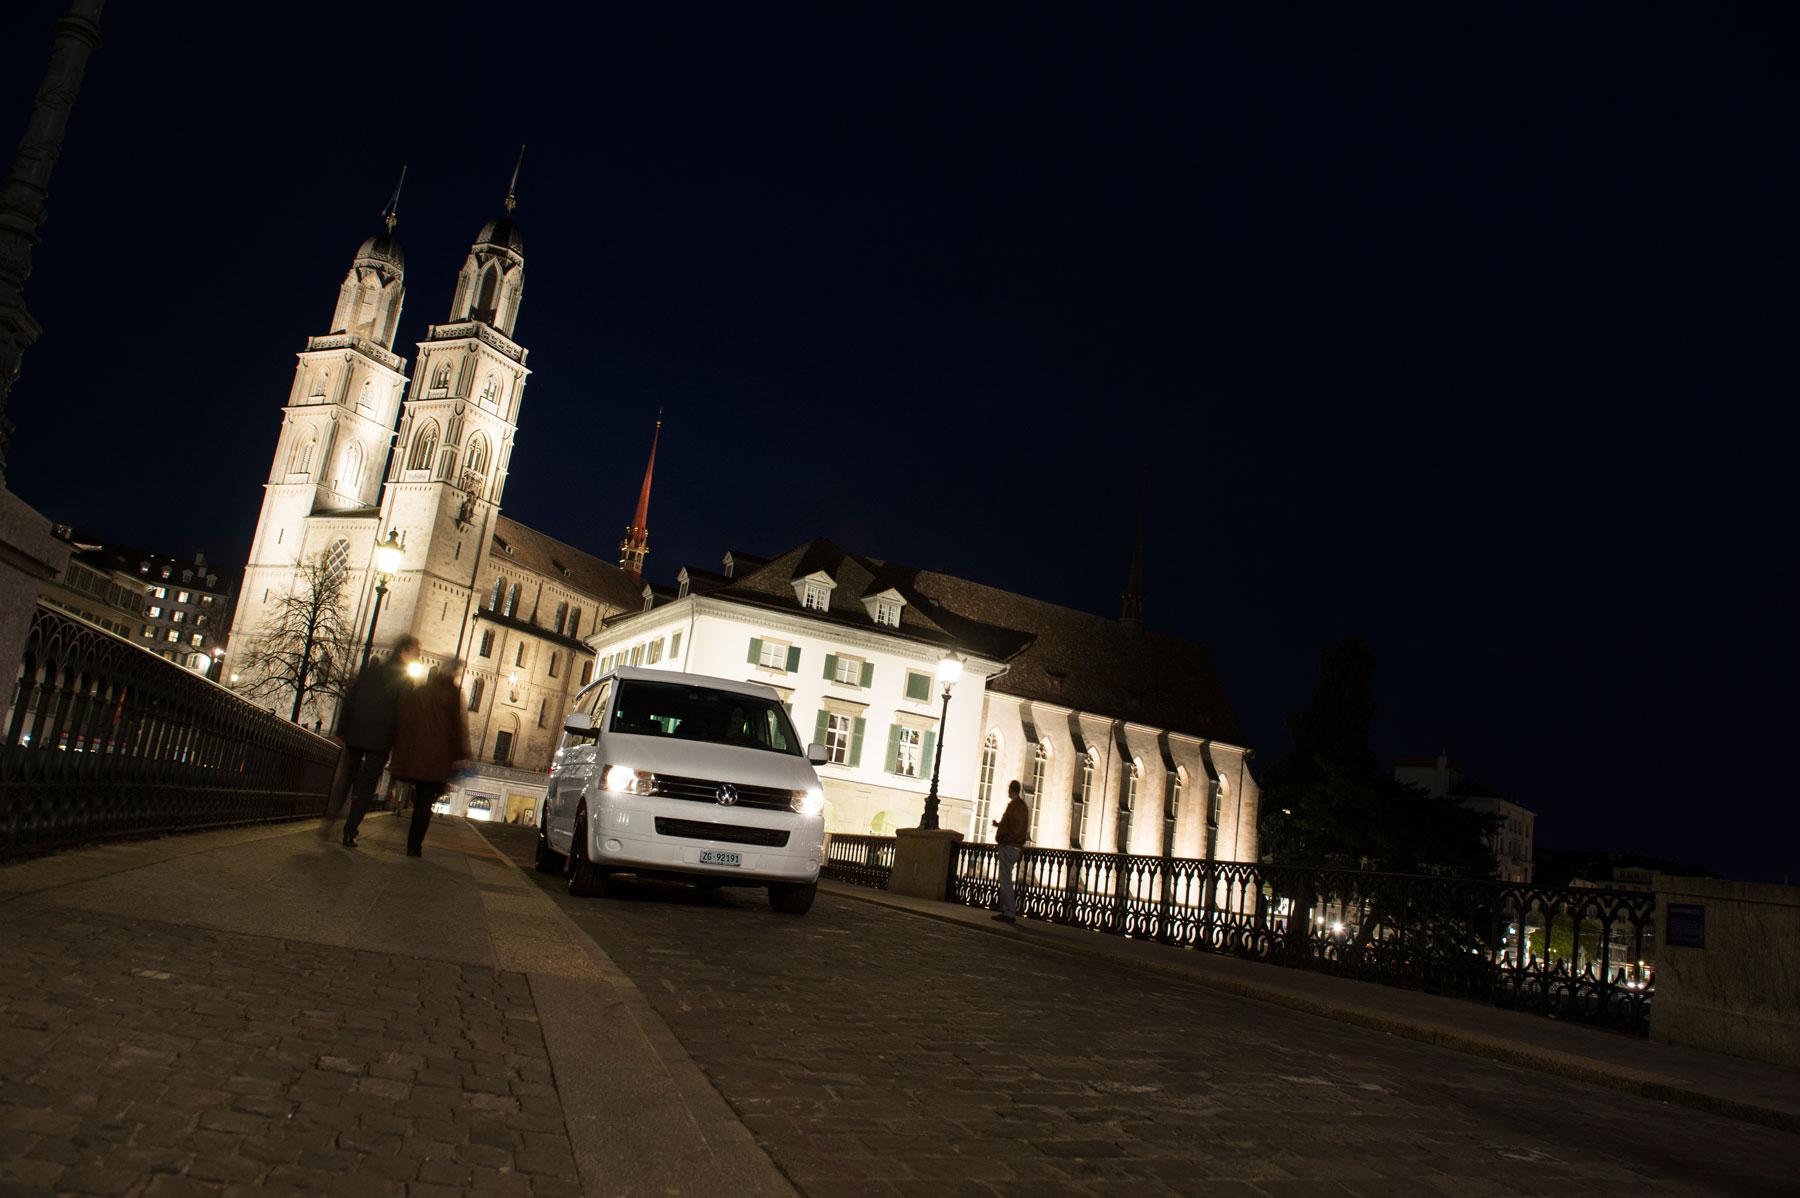 VW Camper Miete Schweiz, Zuerich, Nacht, Grossmuenster